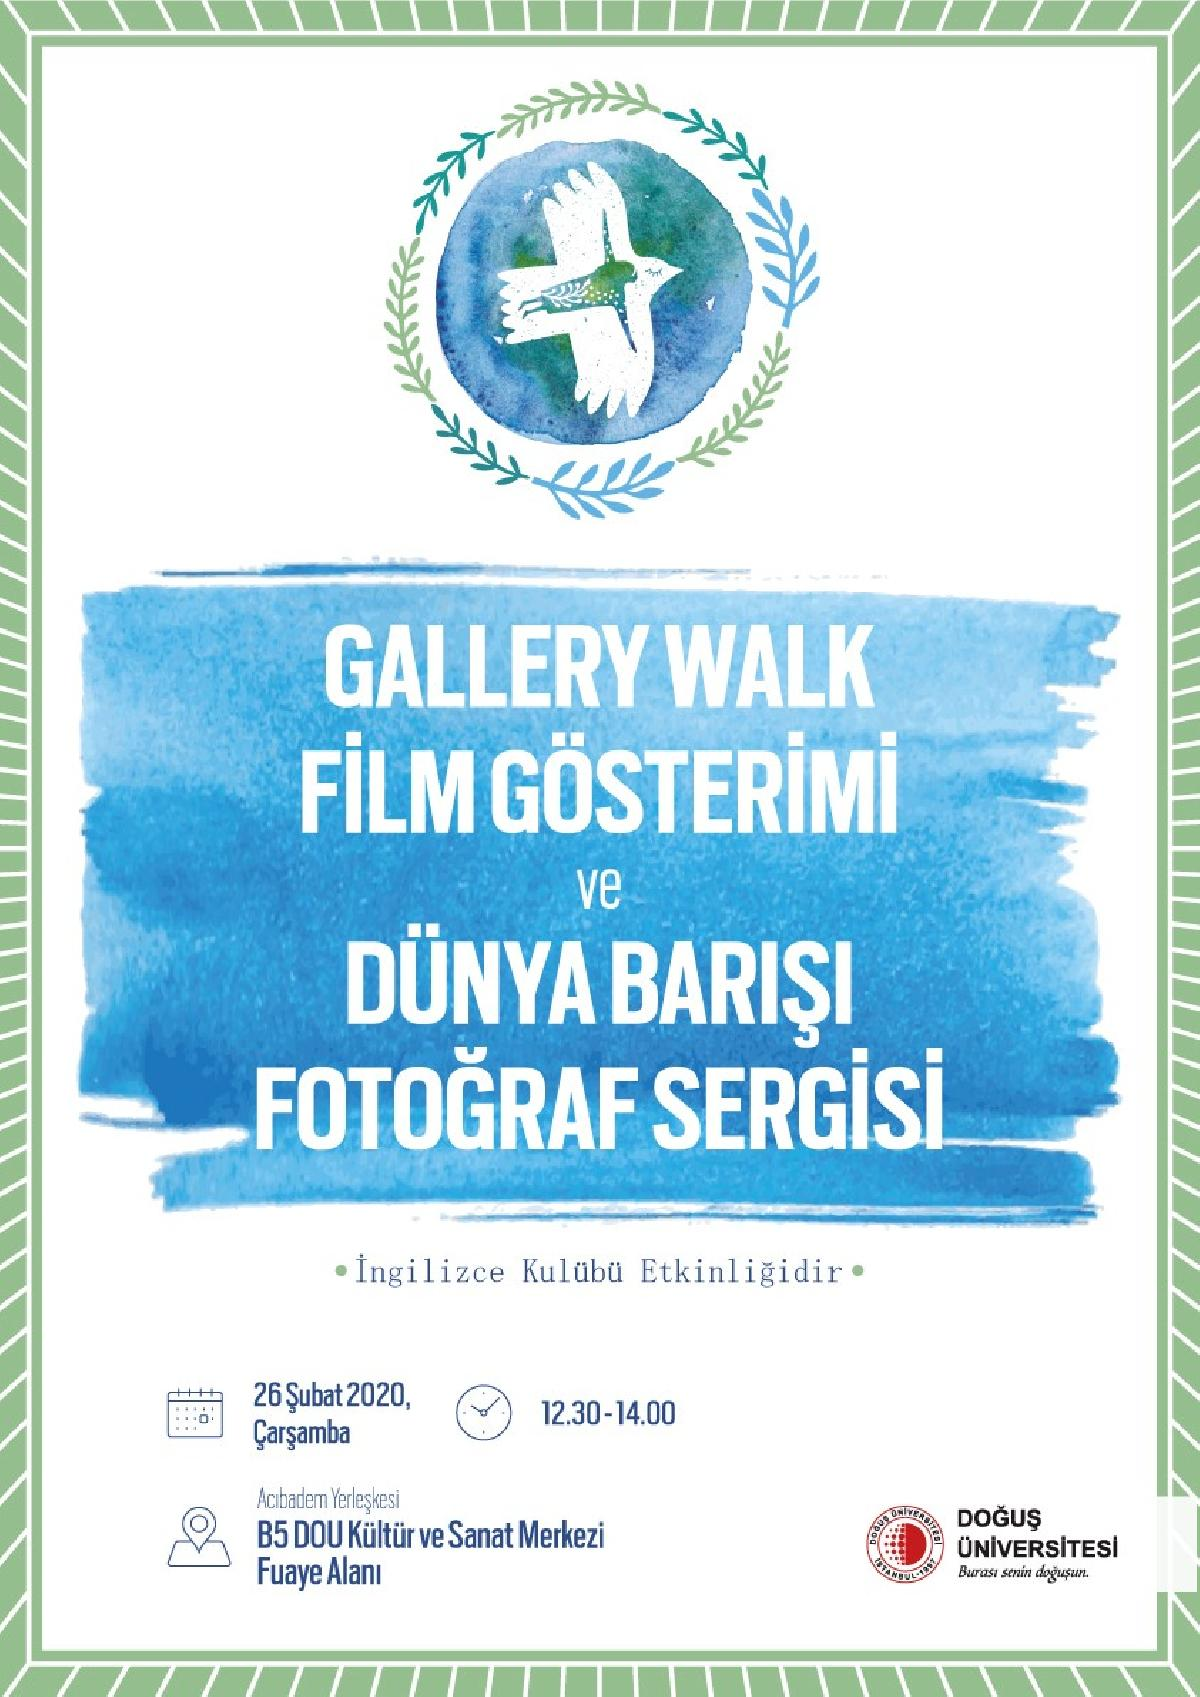 Gallery Walk Film Gösterimi ve Dünya Barışı Fotoğraf Sergisi Etkinliği